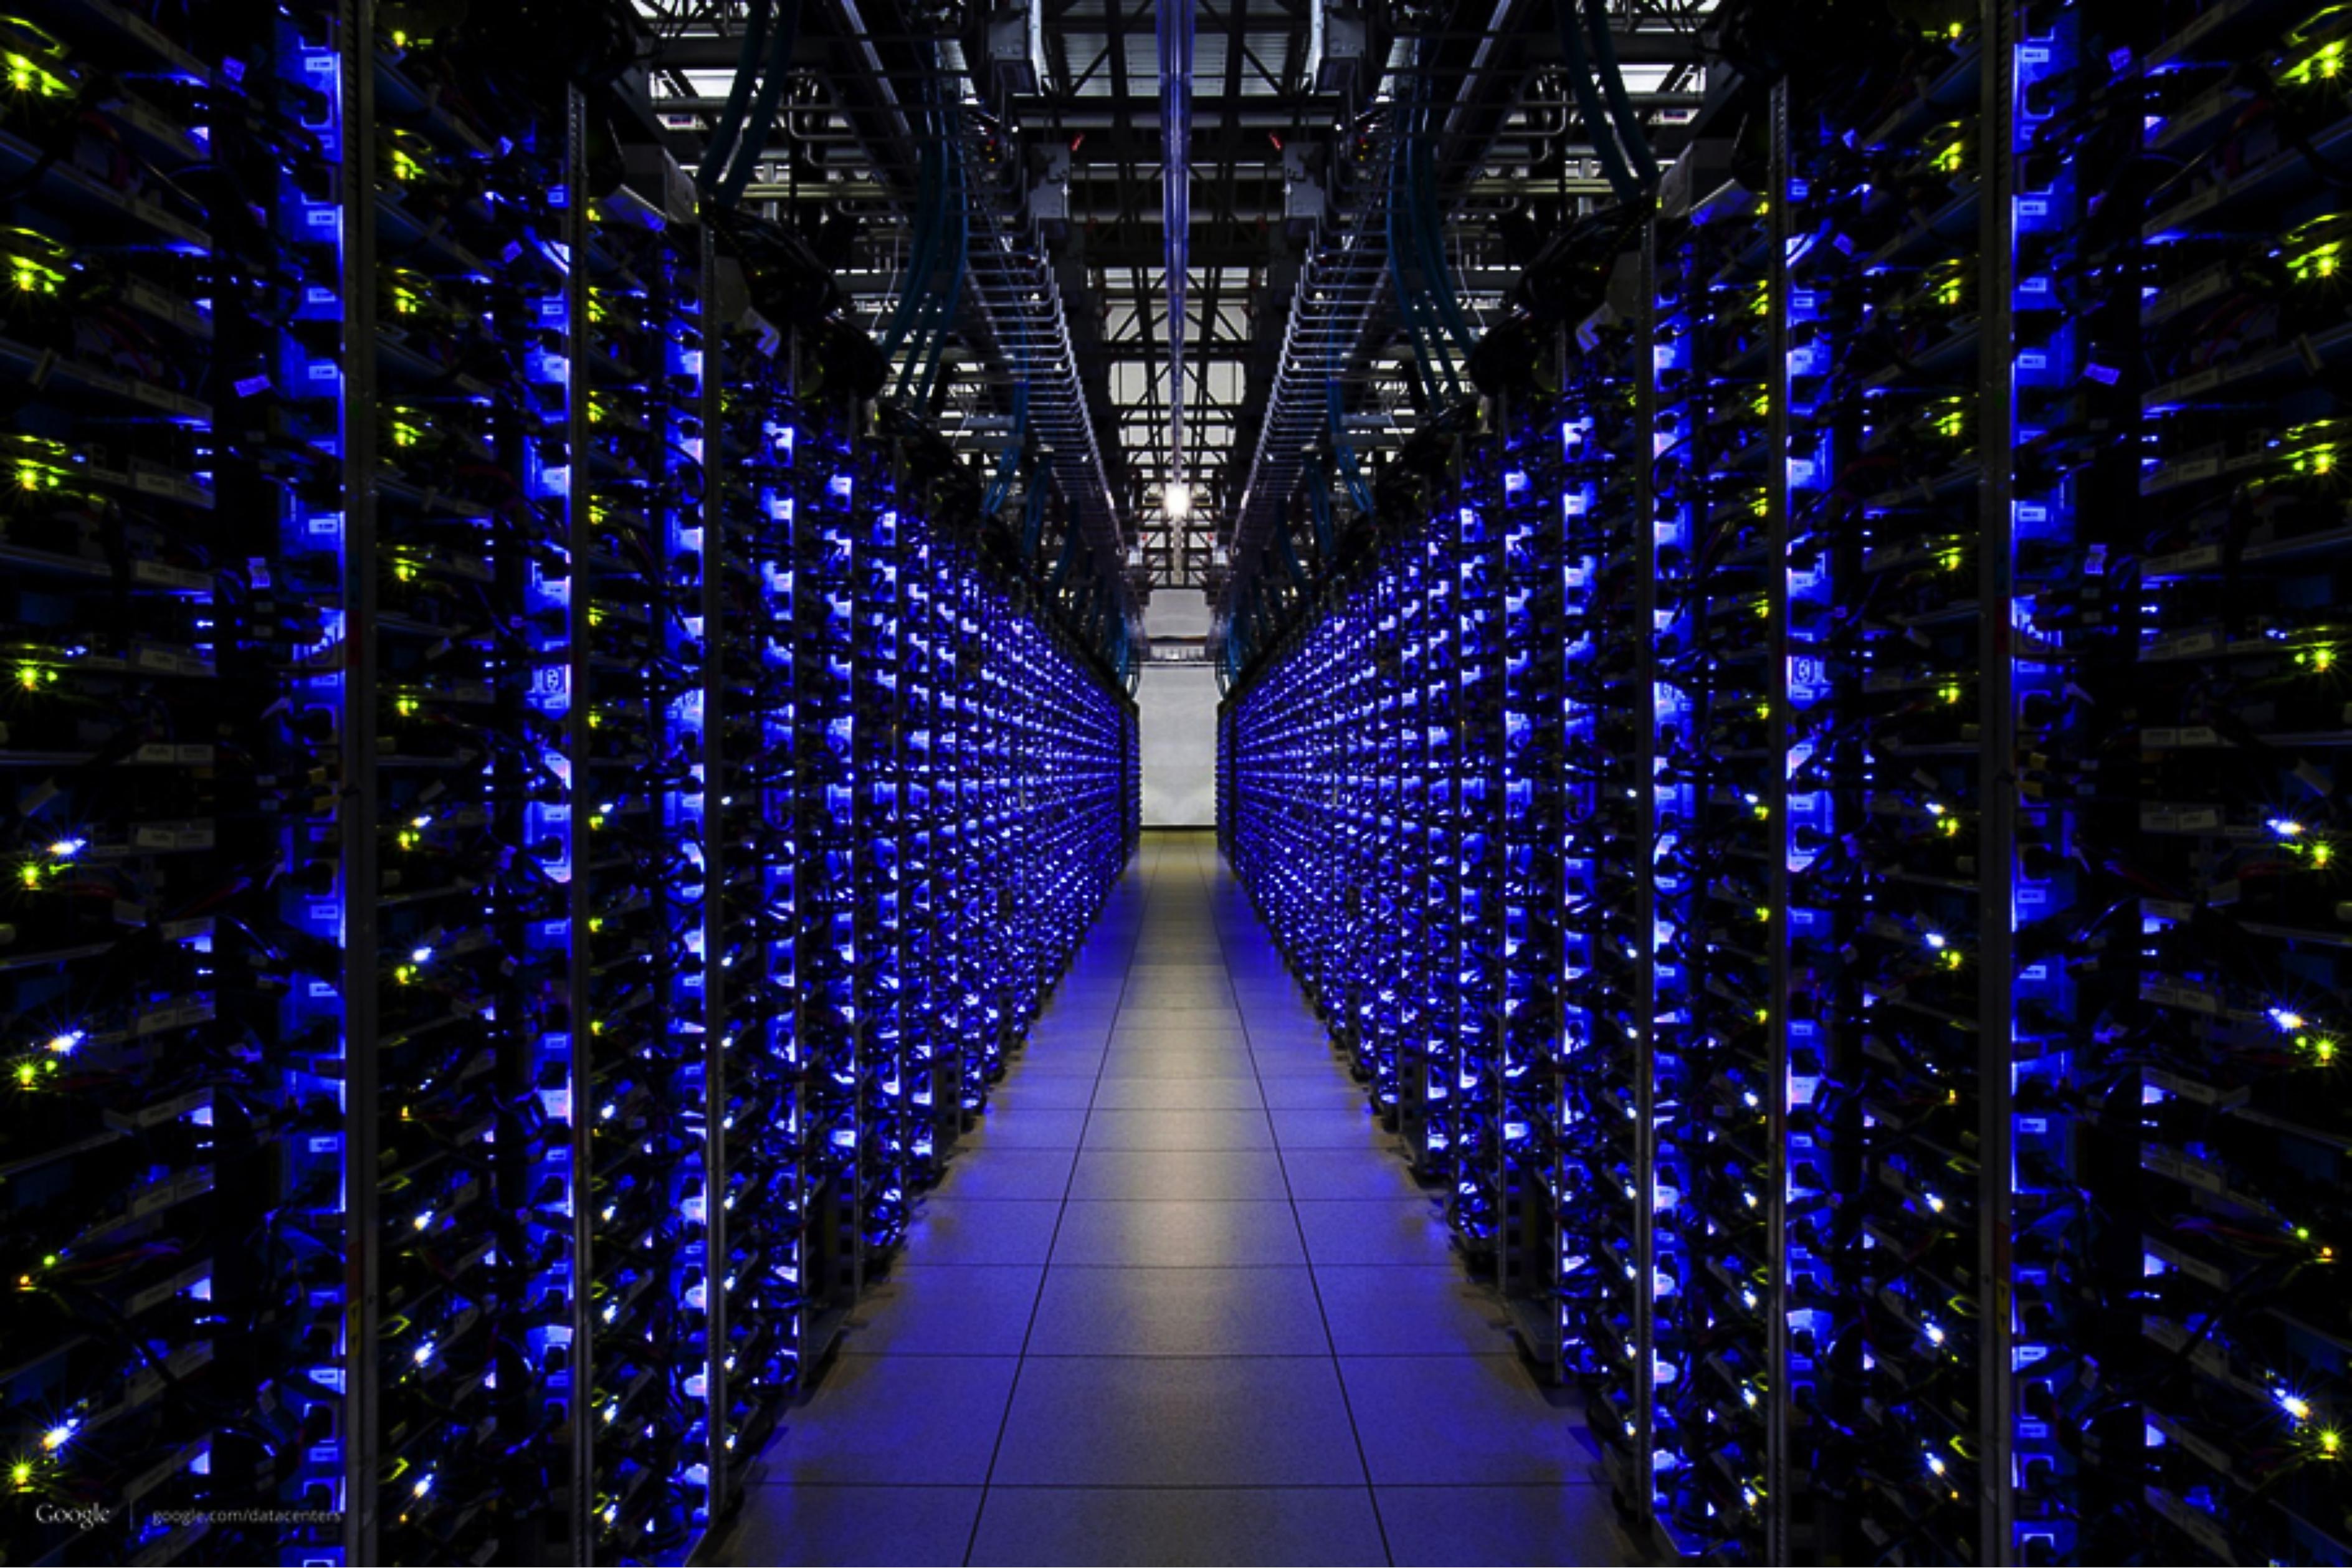 https://www.liquiditybook.com/wp-content/uploads/2017/07/computerServer.jpg